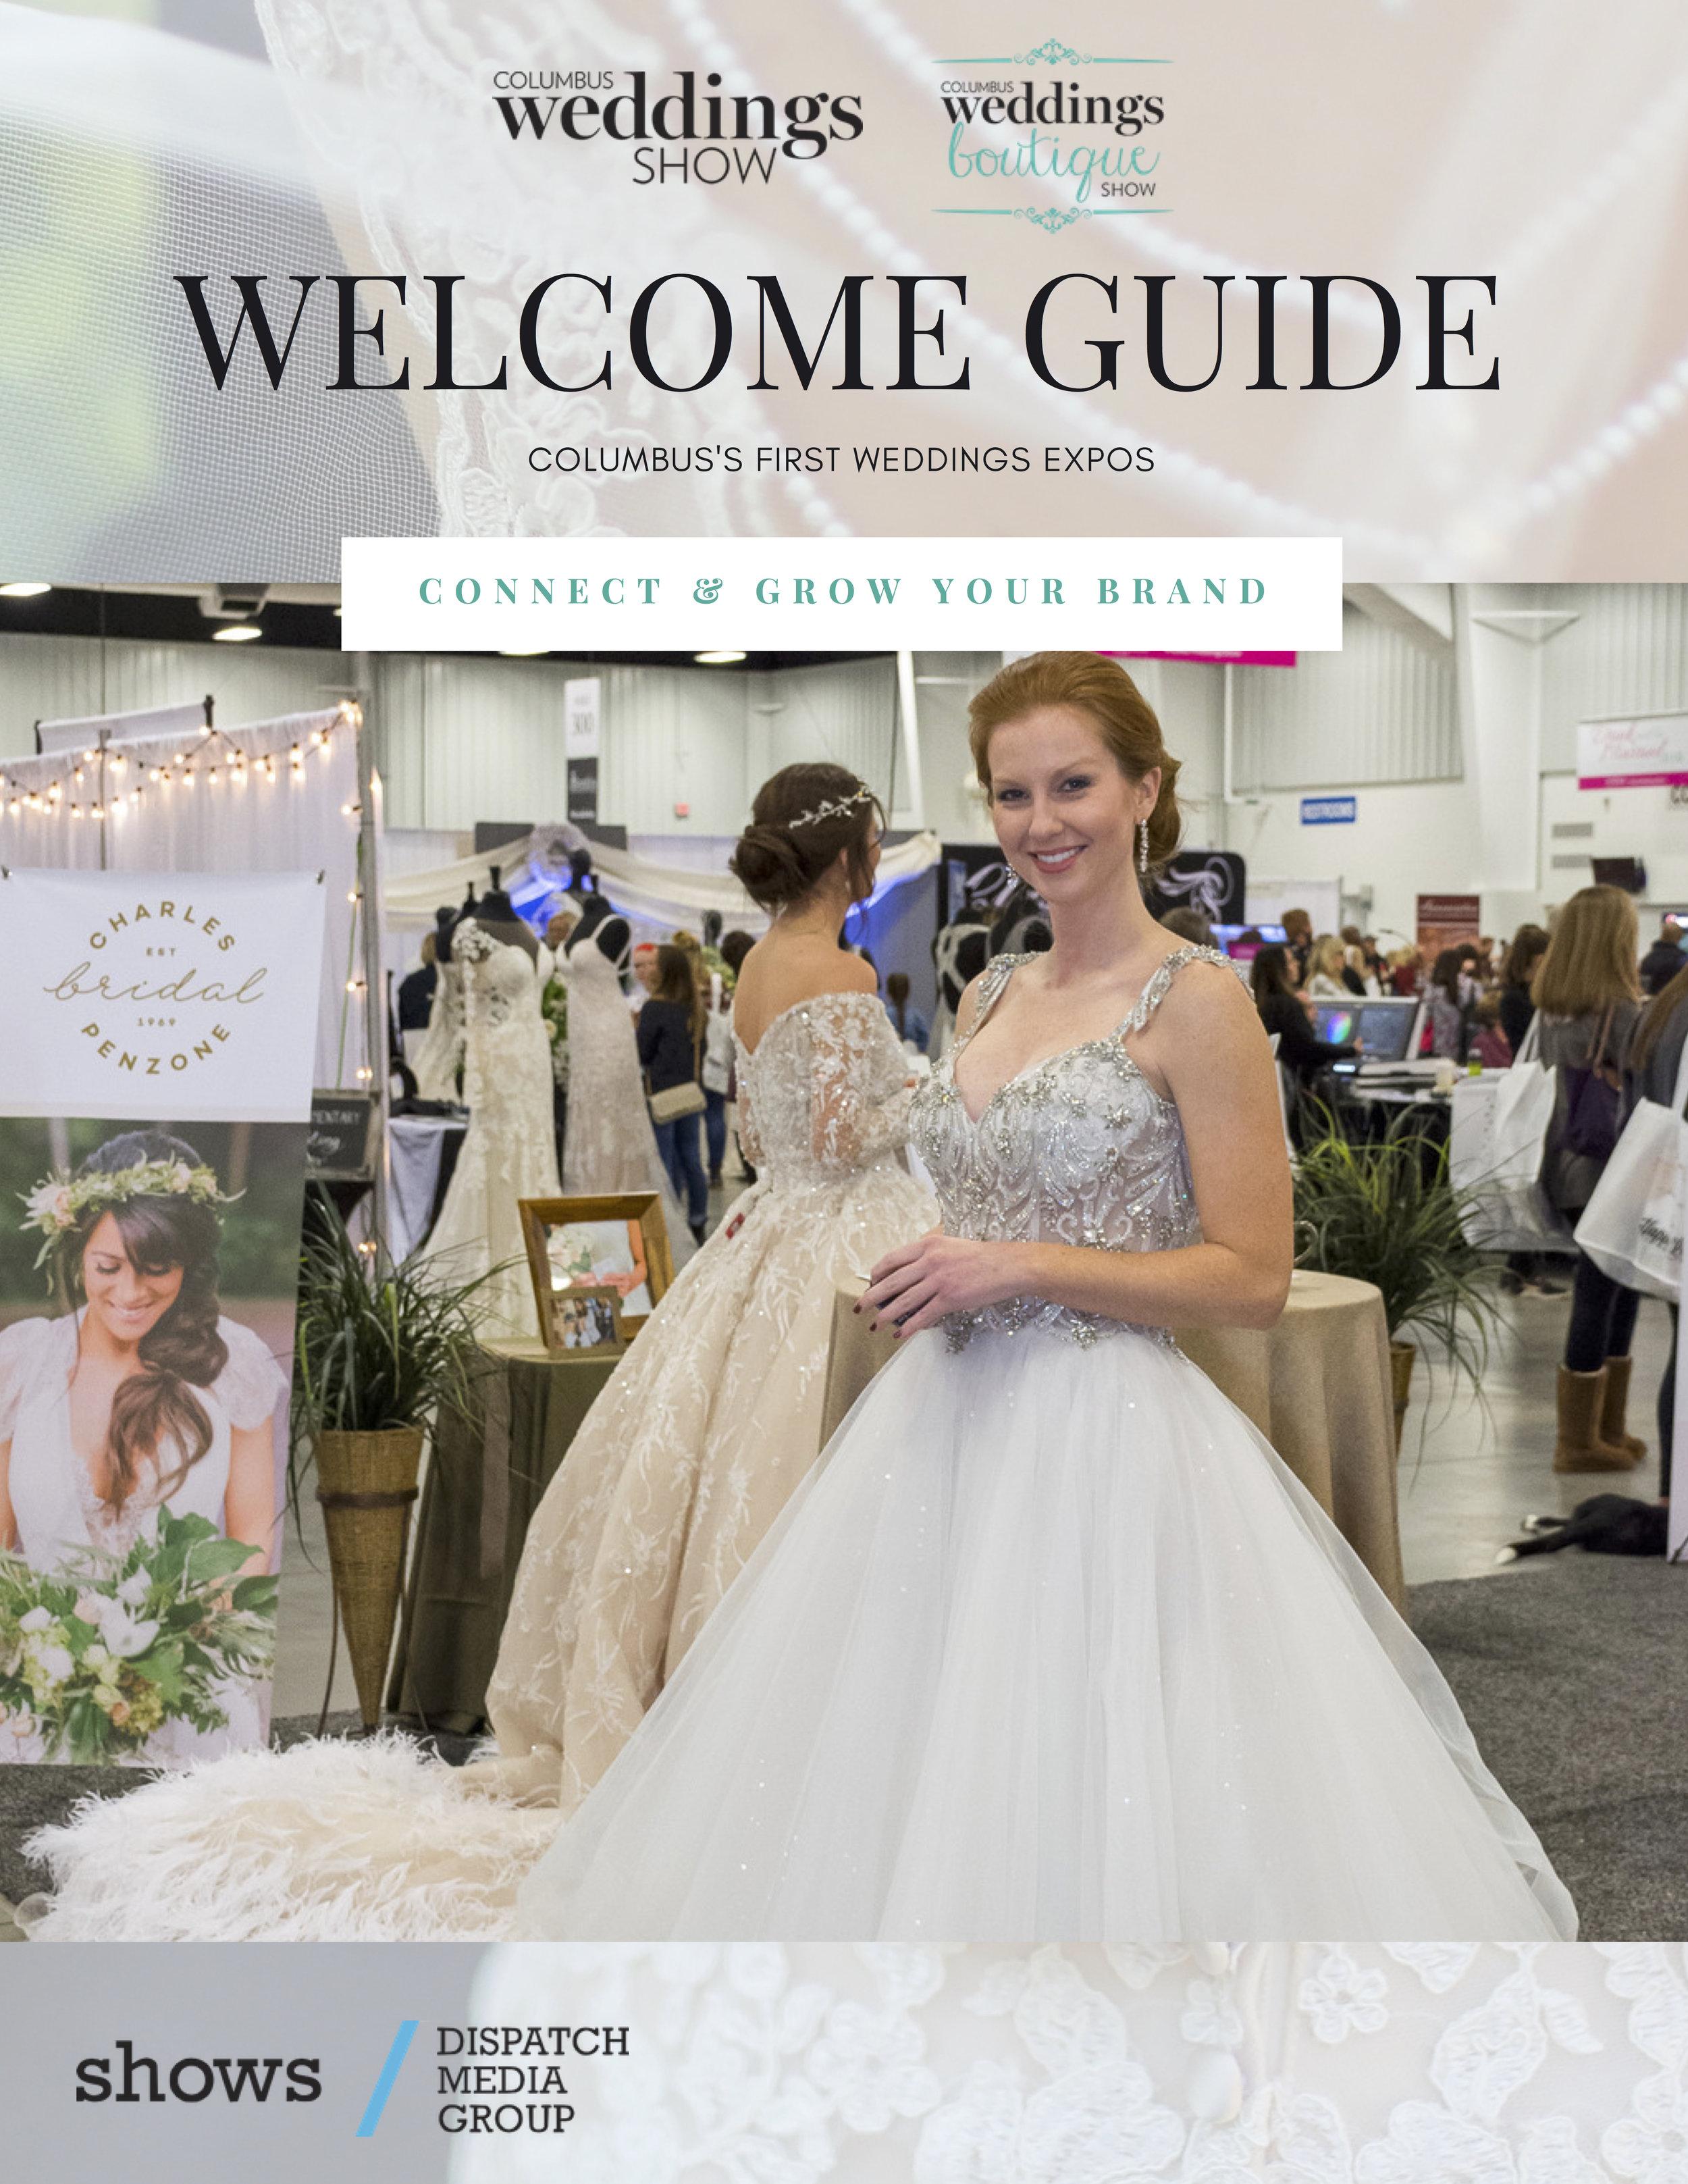 2018 Columbus Weddings - Welcome Guide.jpg